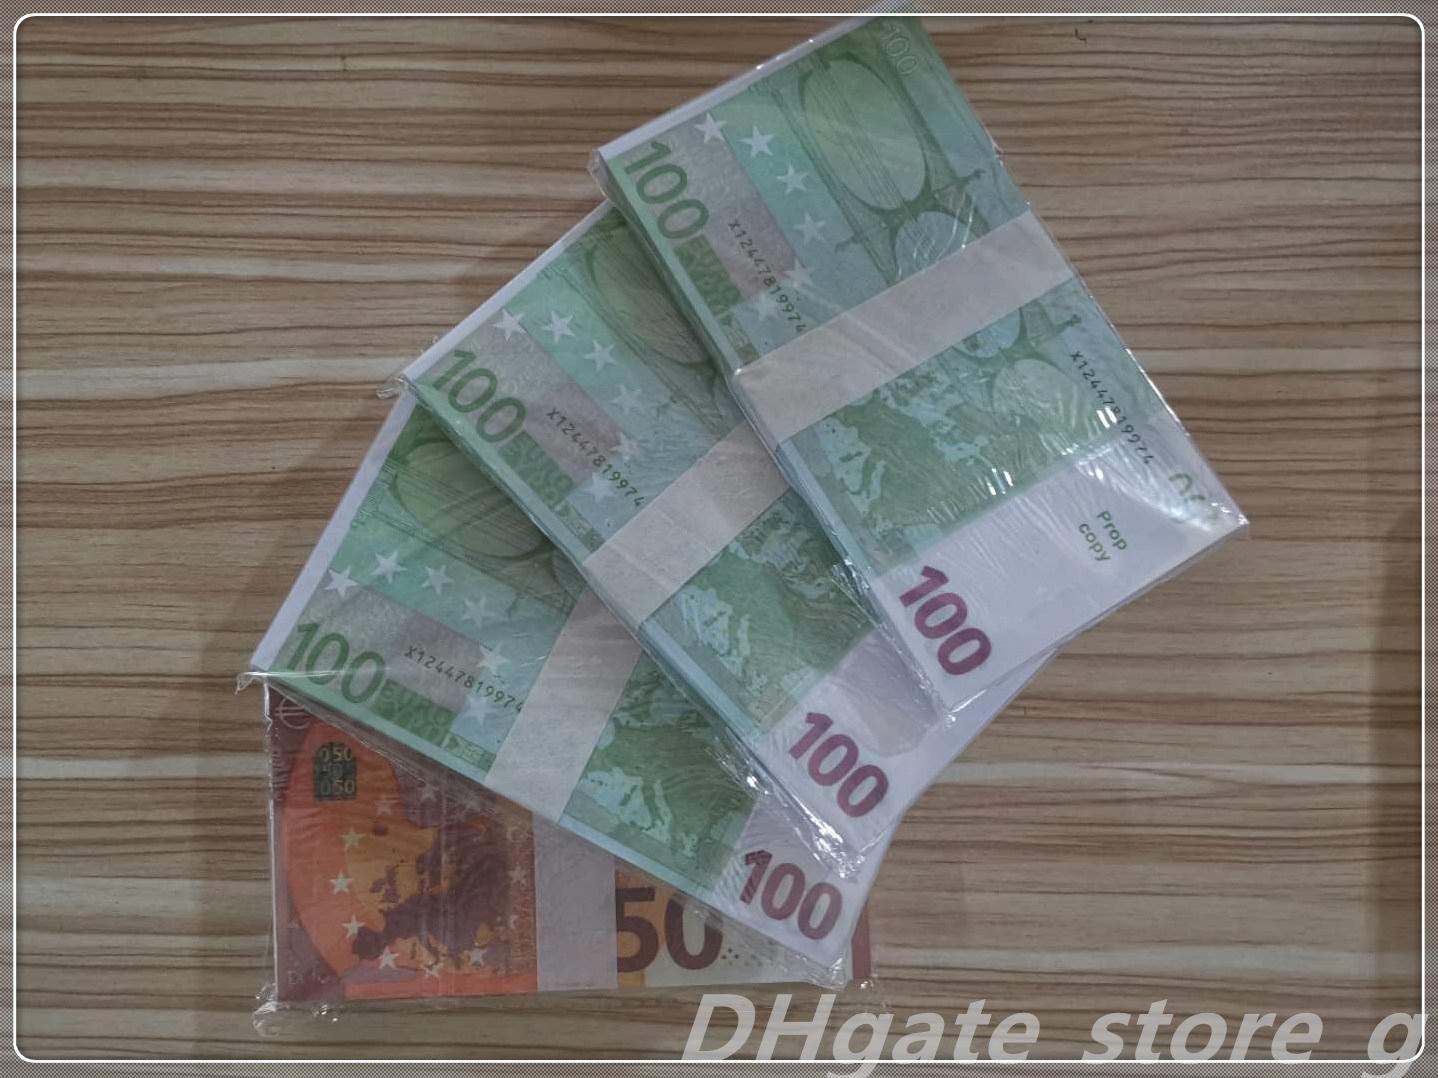 Top Nightclub Billet Qualität Bar Pfund Euro Wuucg Film EUR Geld Spiel Atmosphäre Geld Geld Großhandel Billet Gefälschte Prop LB-103 Faux DGGQK